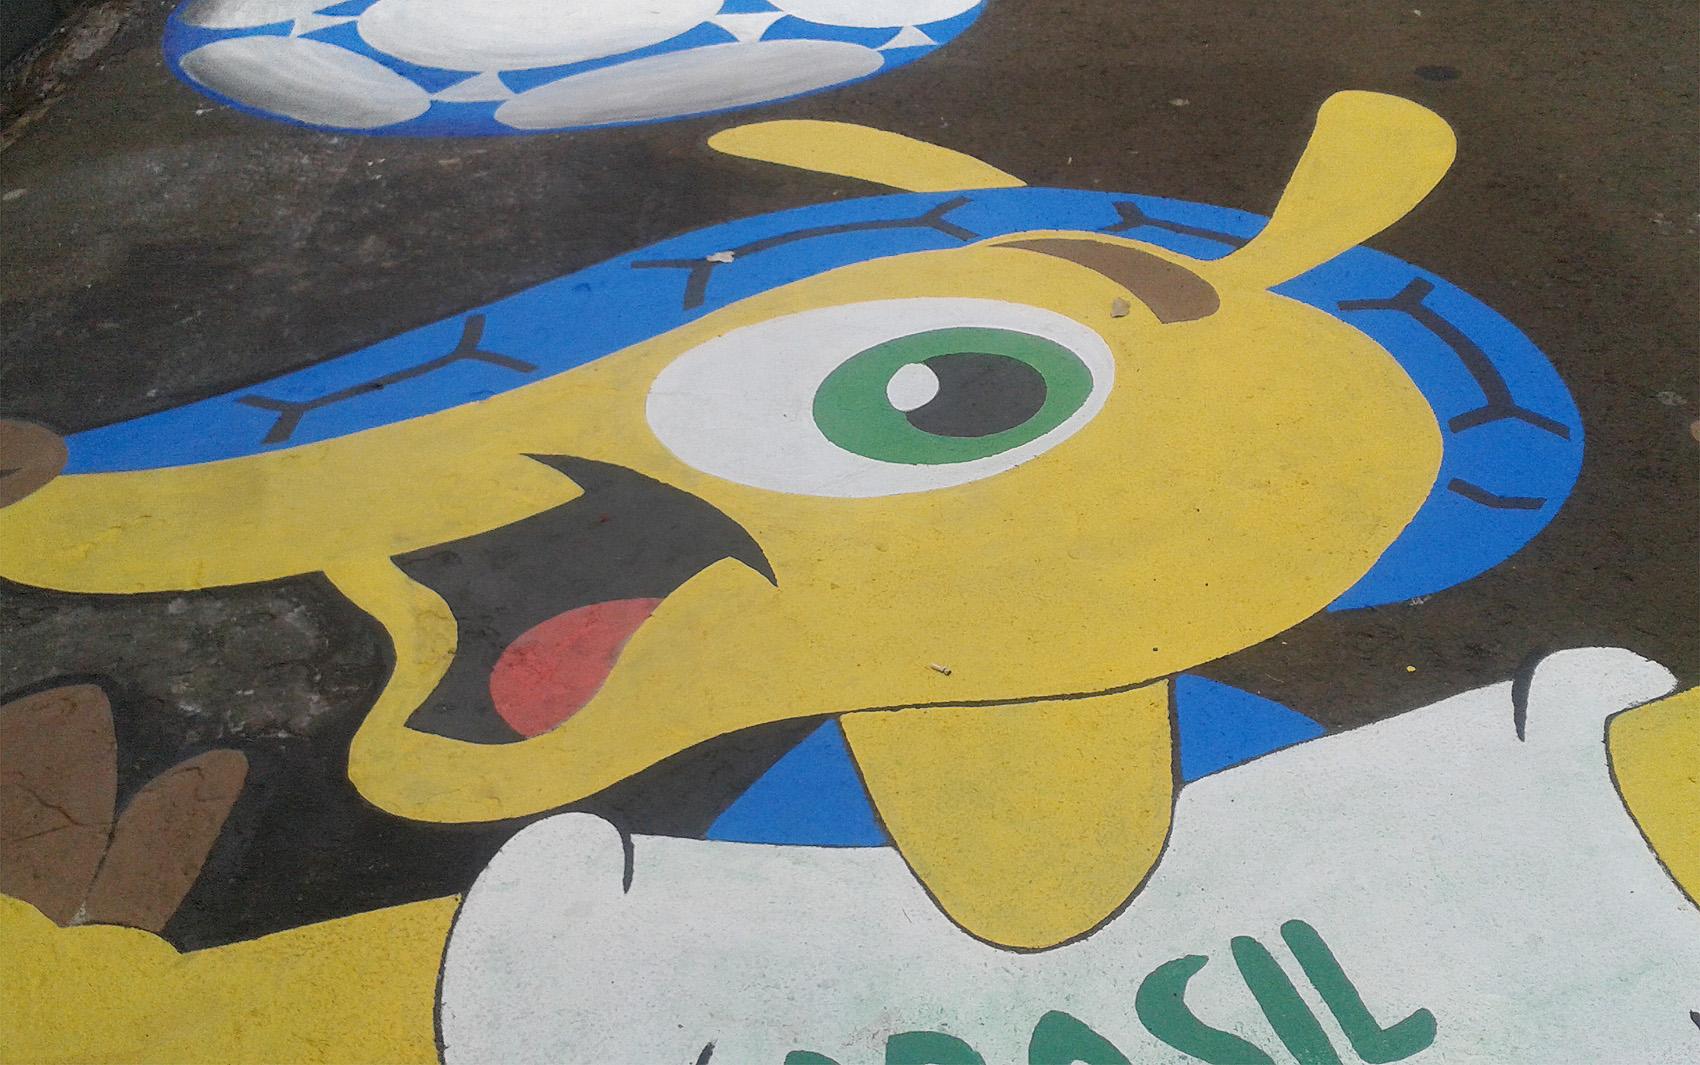 O mascote da Copa do Mundo - Fuleco - foi o homenageado por Carlos, morador do Jardim Paulista.